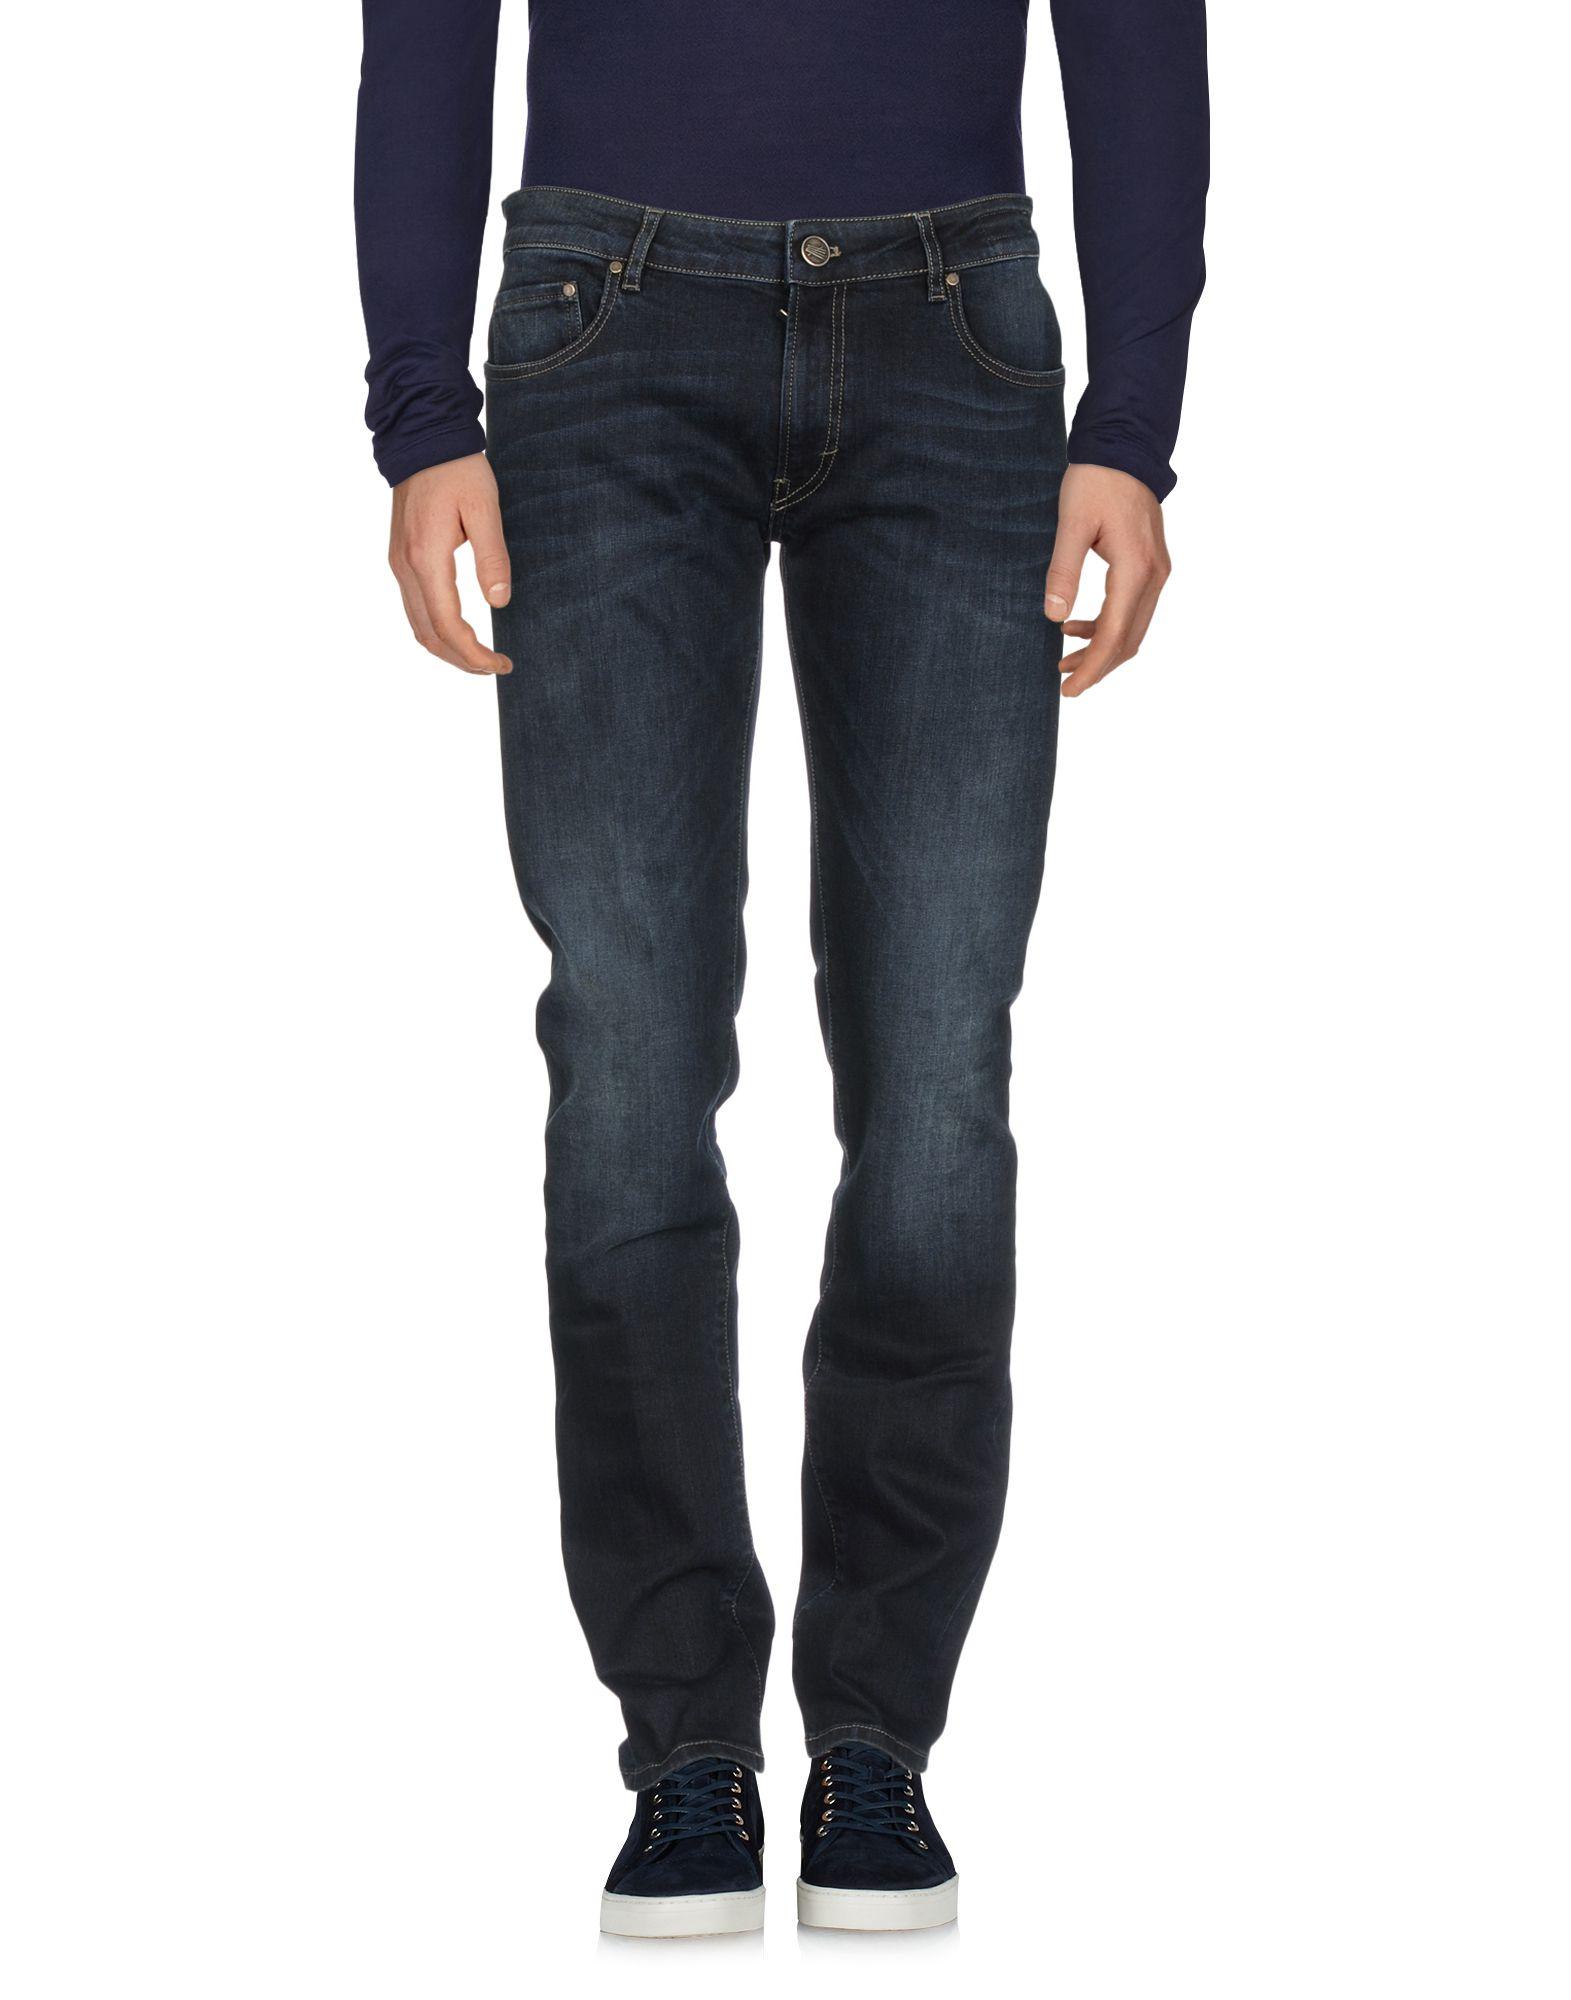 Pantaloni Pantaloni Pantaloni Jeans Pt05 Uomo - 42672760TW 6c1585